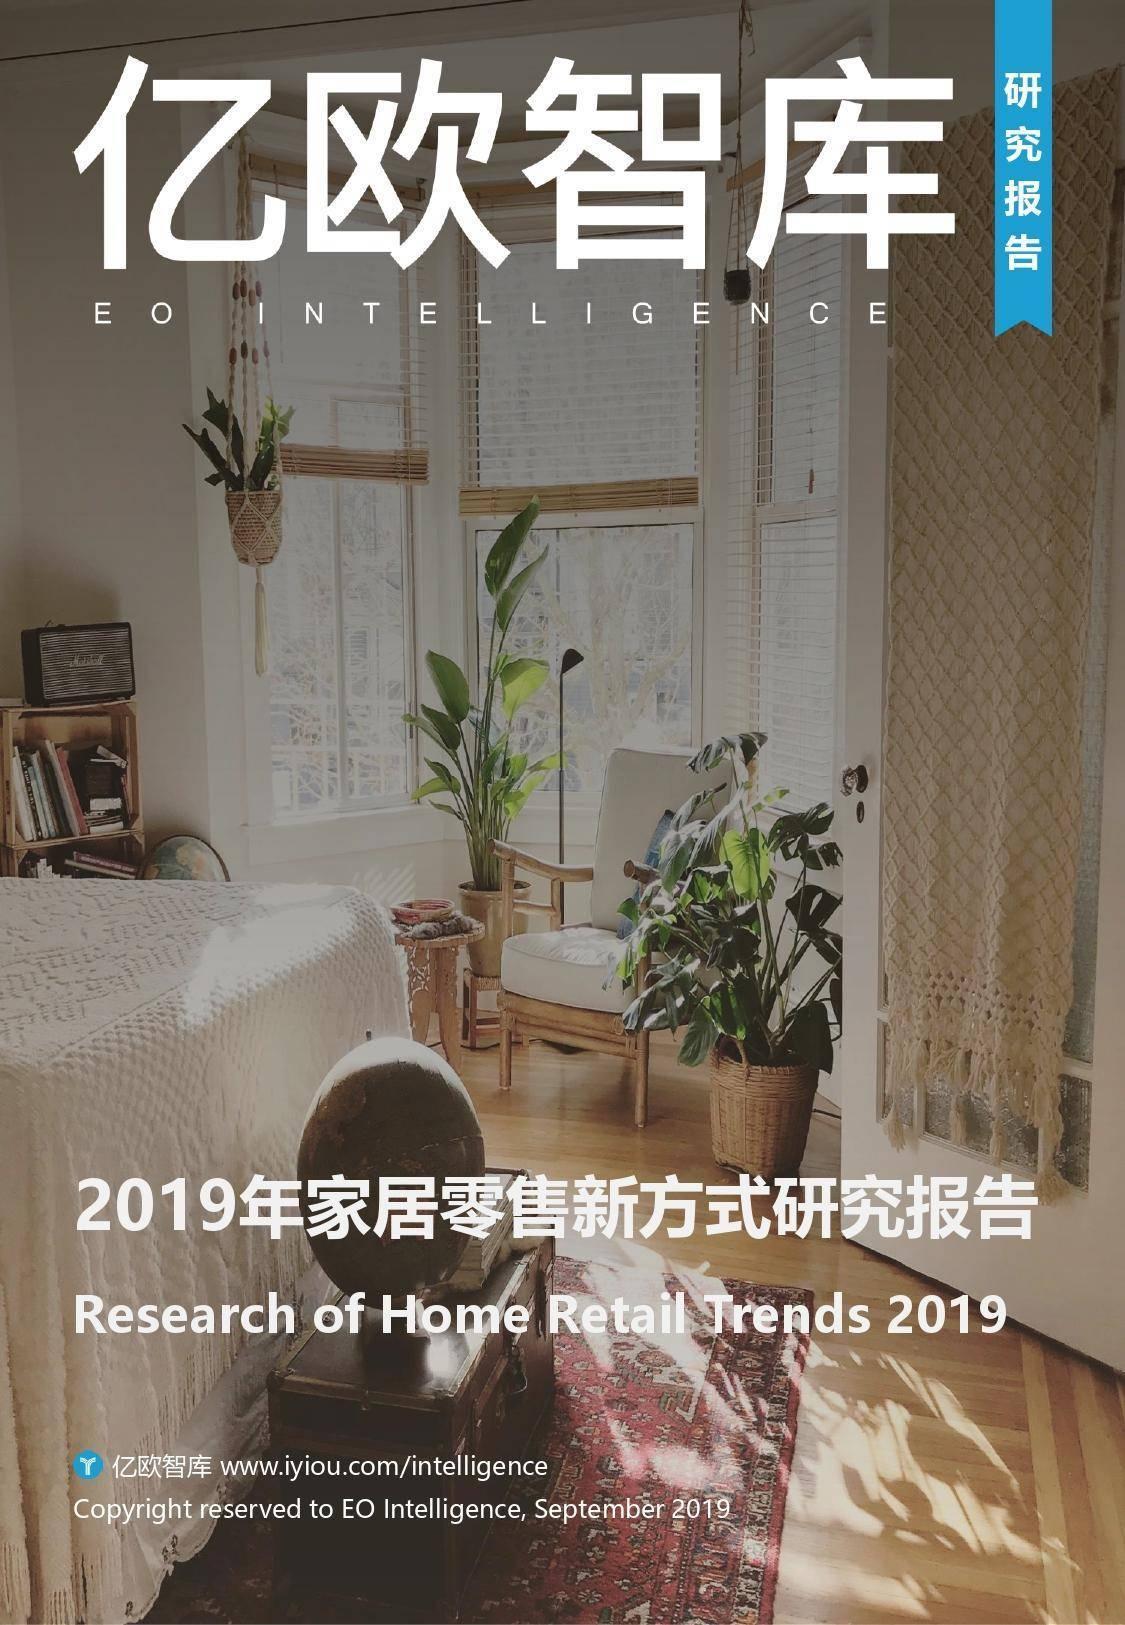 亿欧智库:2019年家居零售新方式研究报告